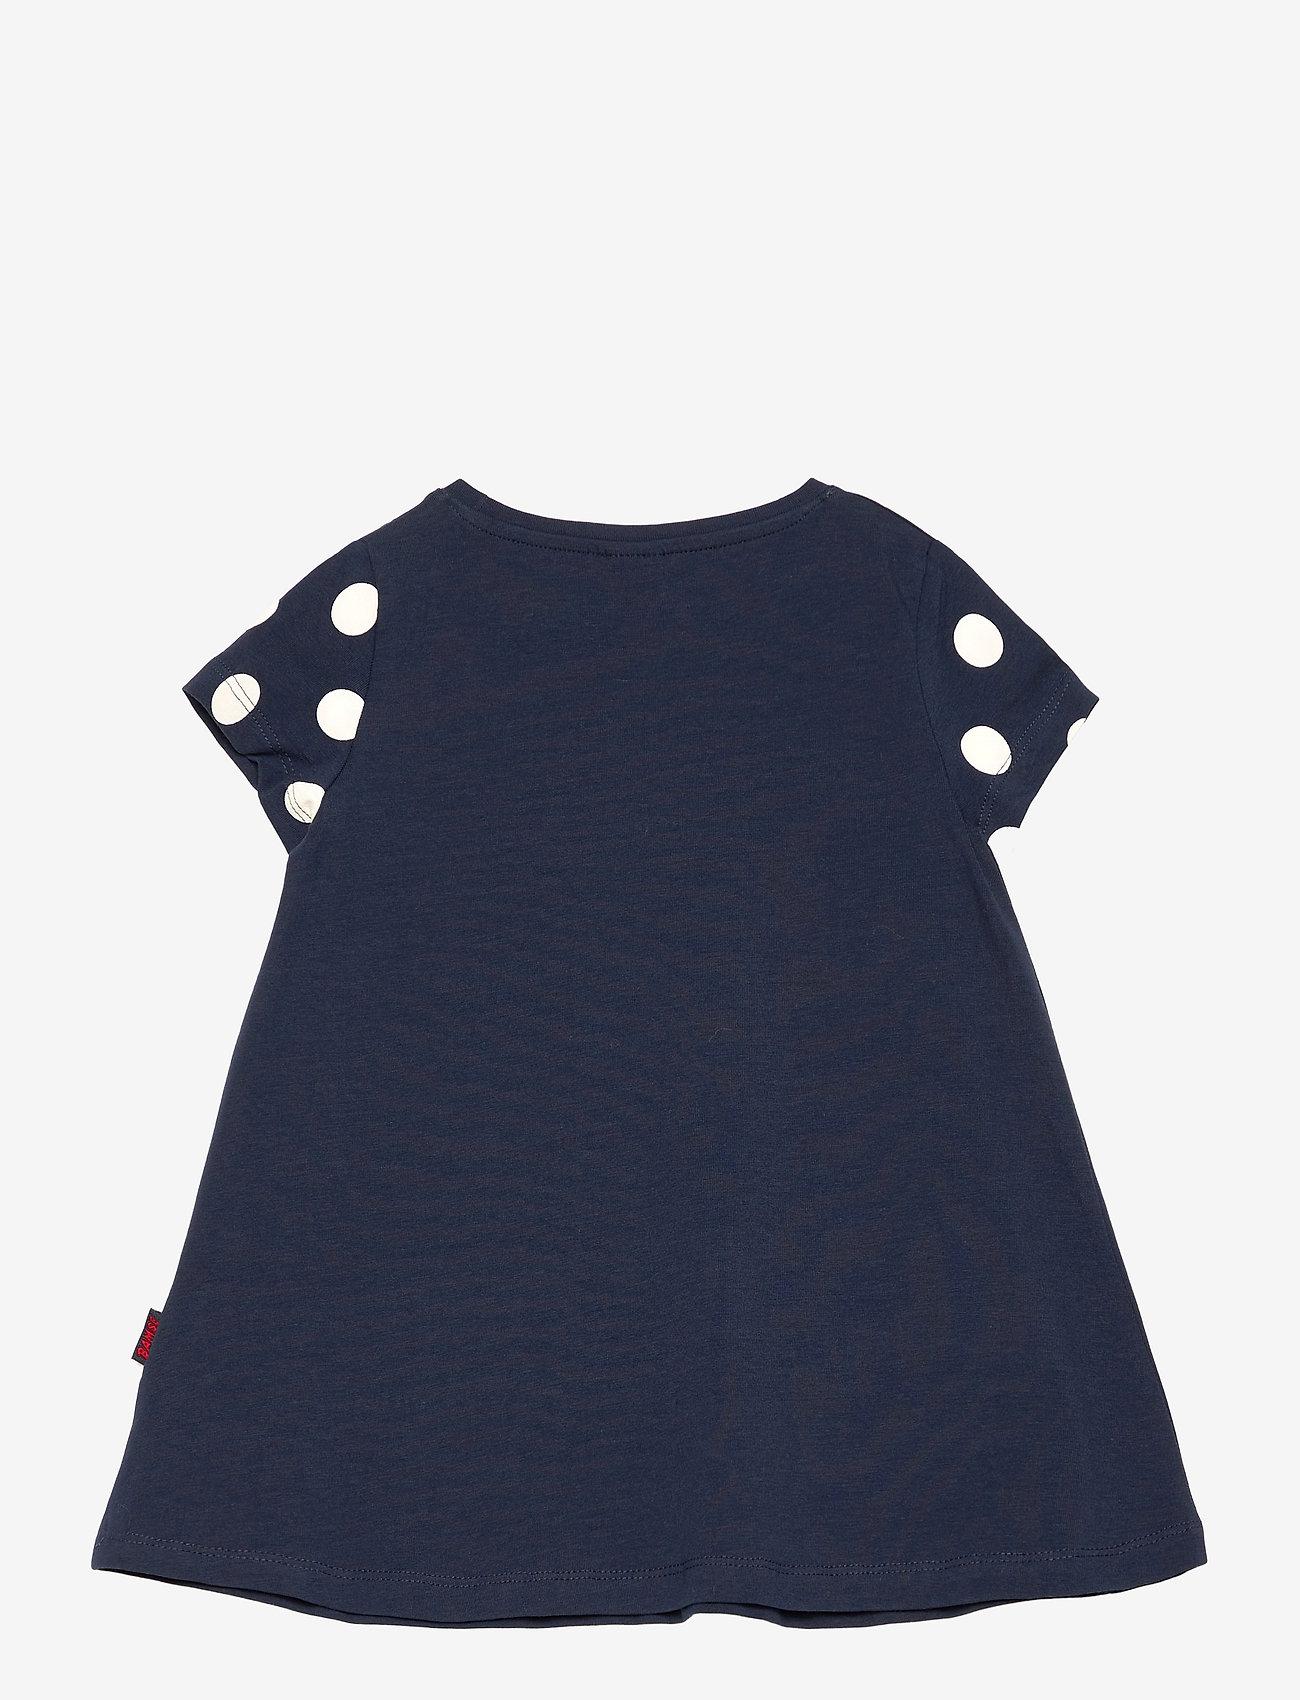 Lindex - Top long Bamse s s pockets - kleider - blue - 1